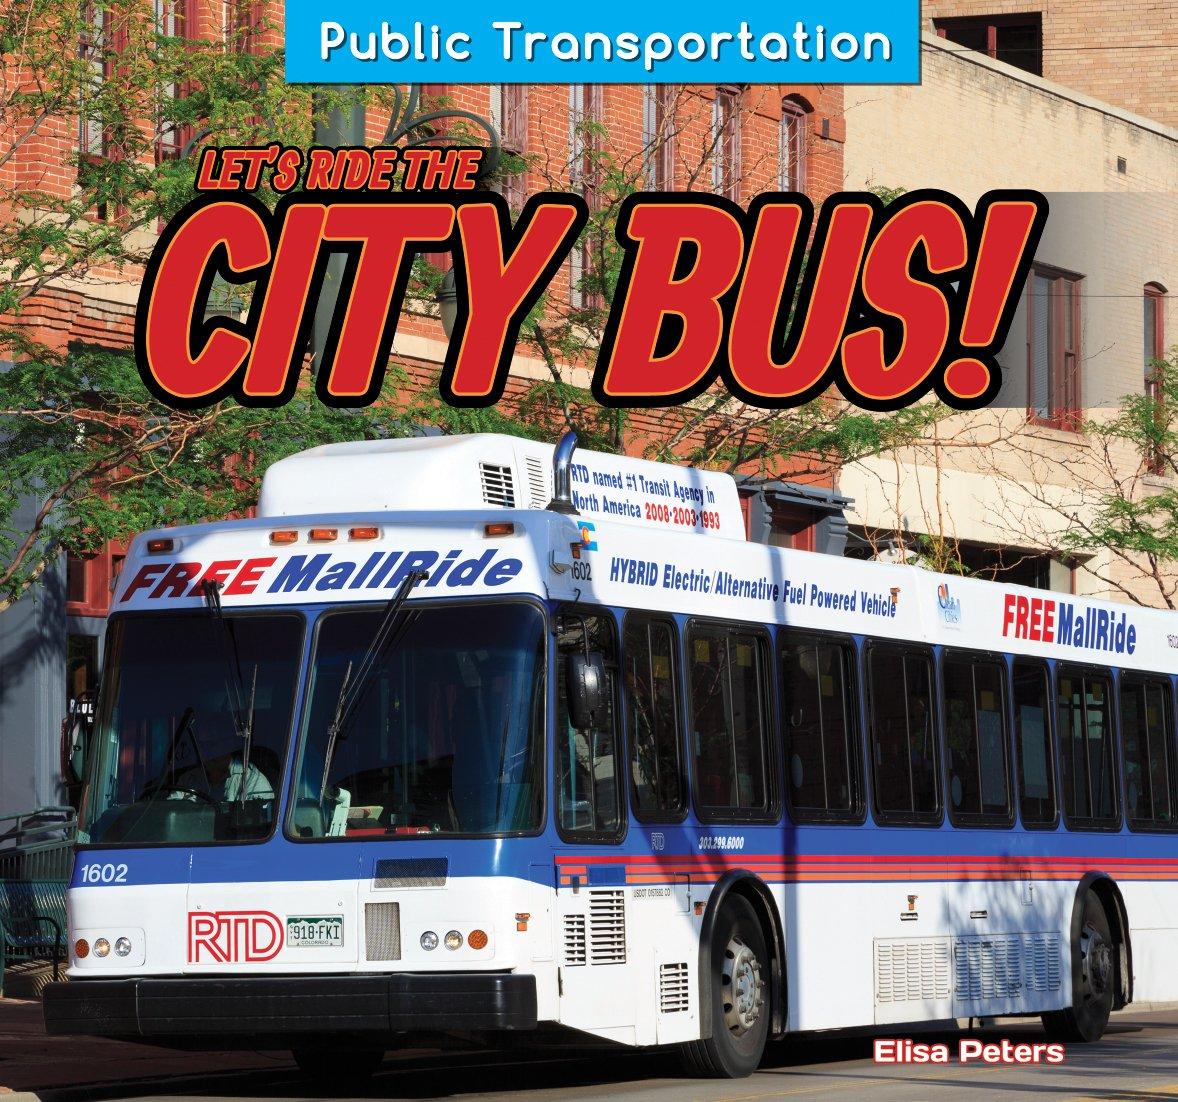 Let's Ride the City Bus! (Public Transportation) Paperback – August 1, 2014 Elisa Peters Powerkids Pr 1477764836 Technology - General